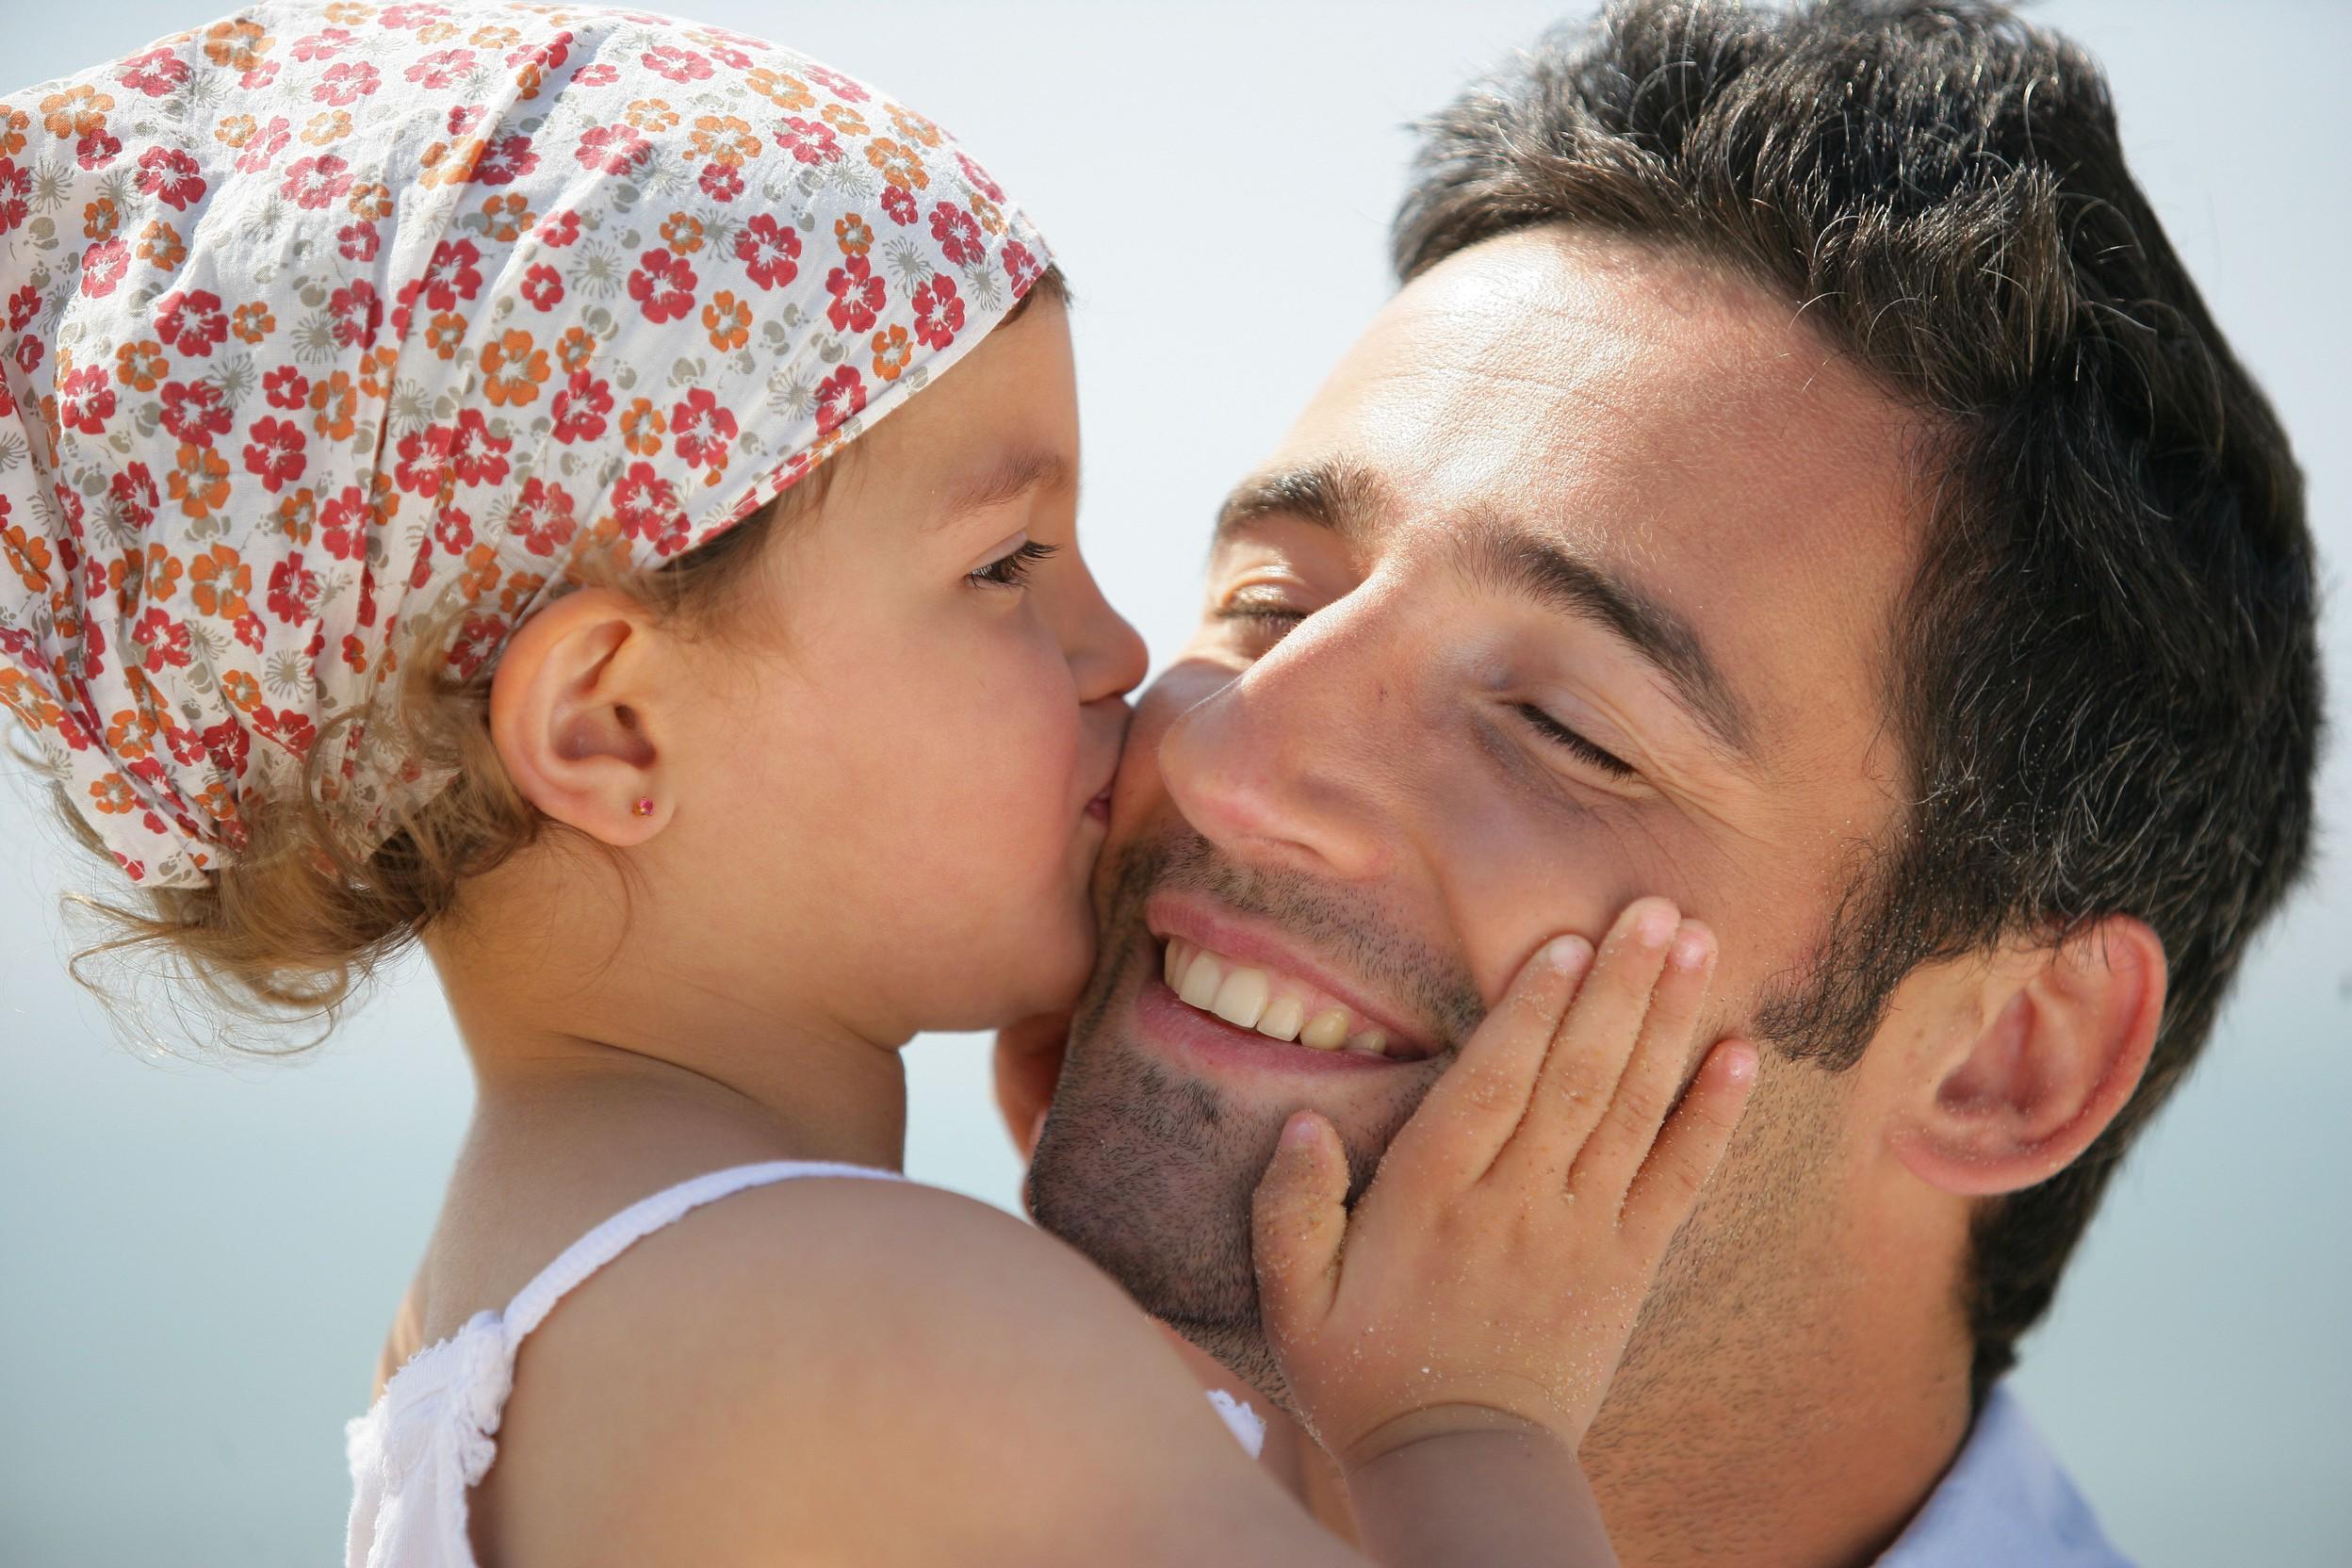 Фото дочери с отцом смотрит 17 фотография